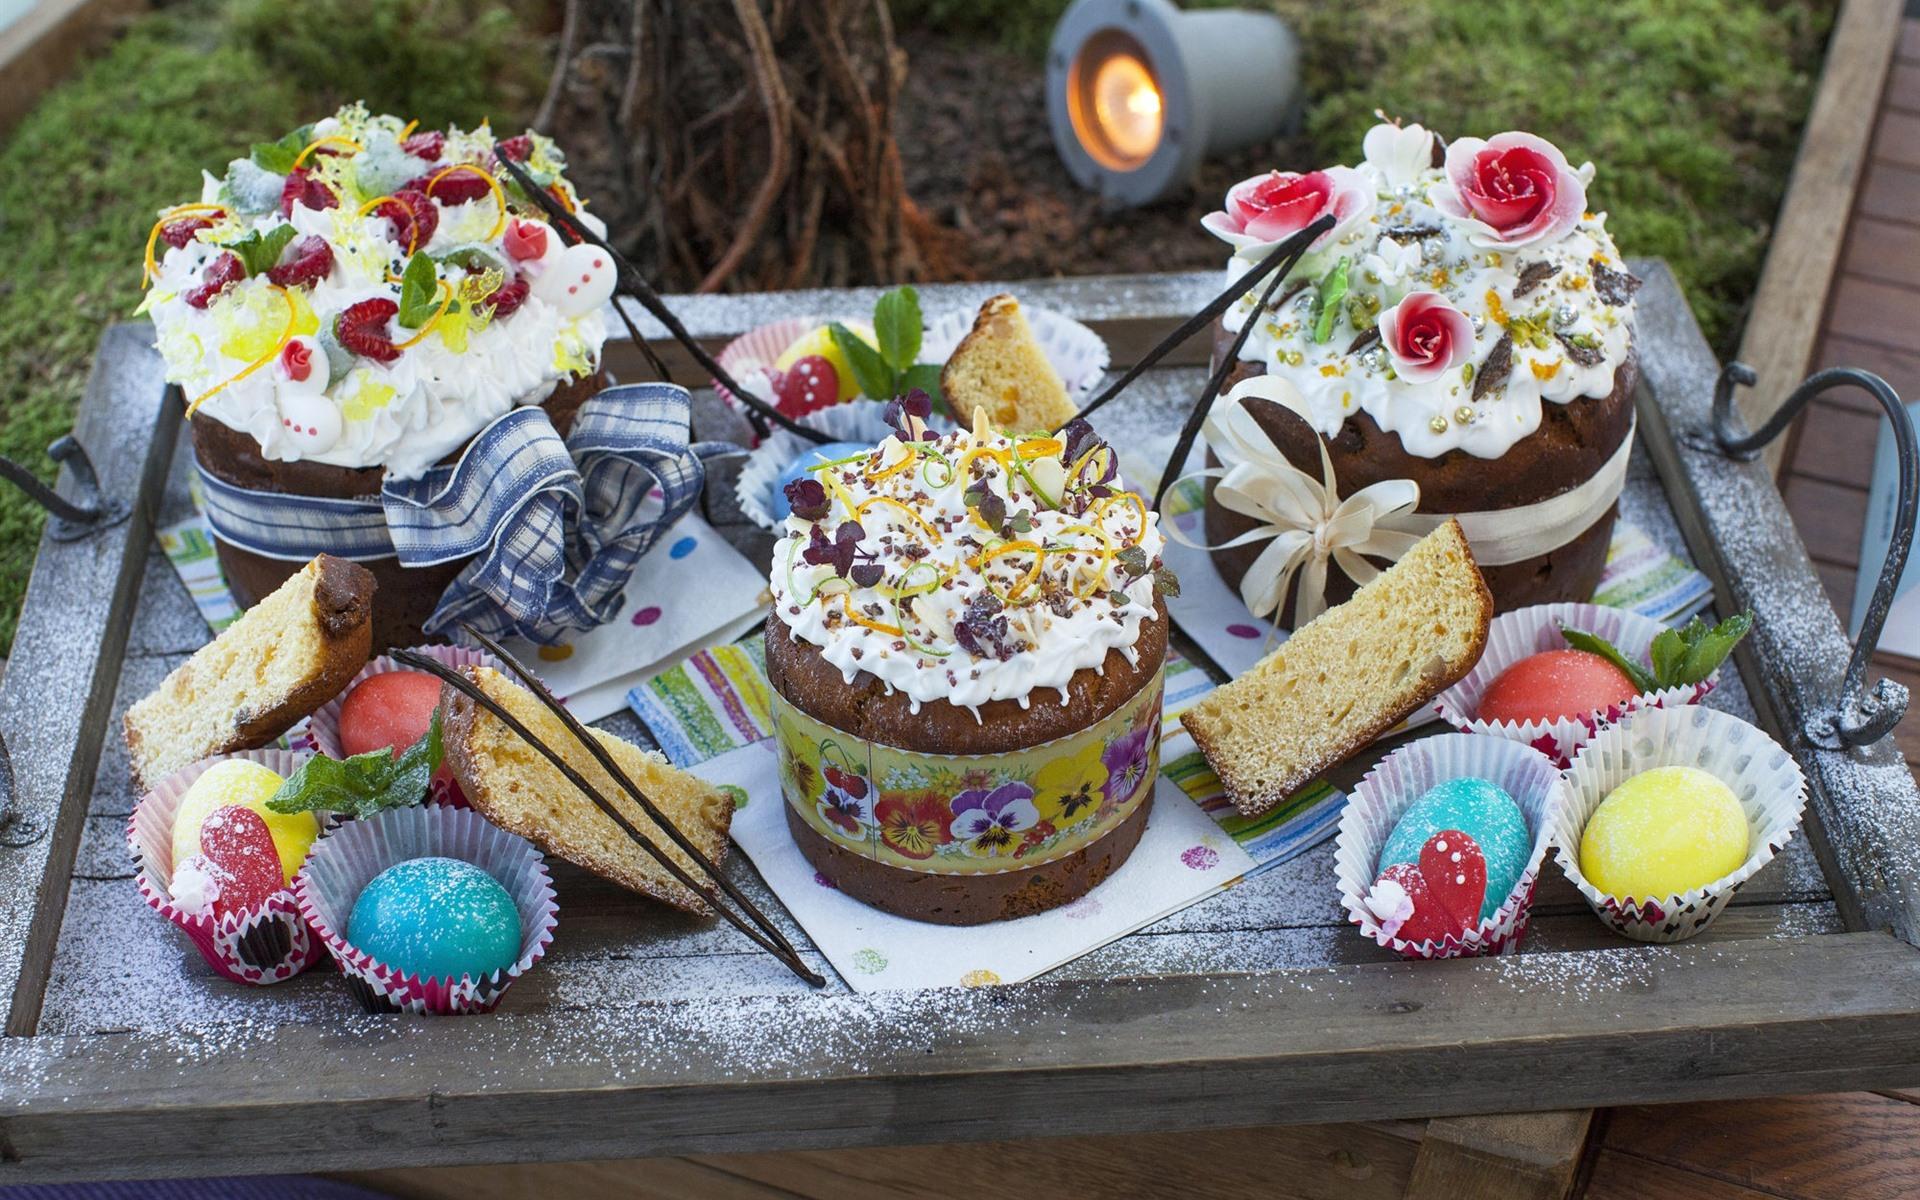 Fondos De Pantalla De Chocolates: Fondos De Pantalla Pasteles De Chocolate, Huevos Coloridos